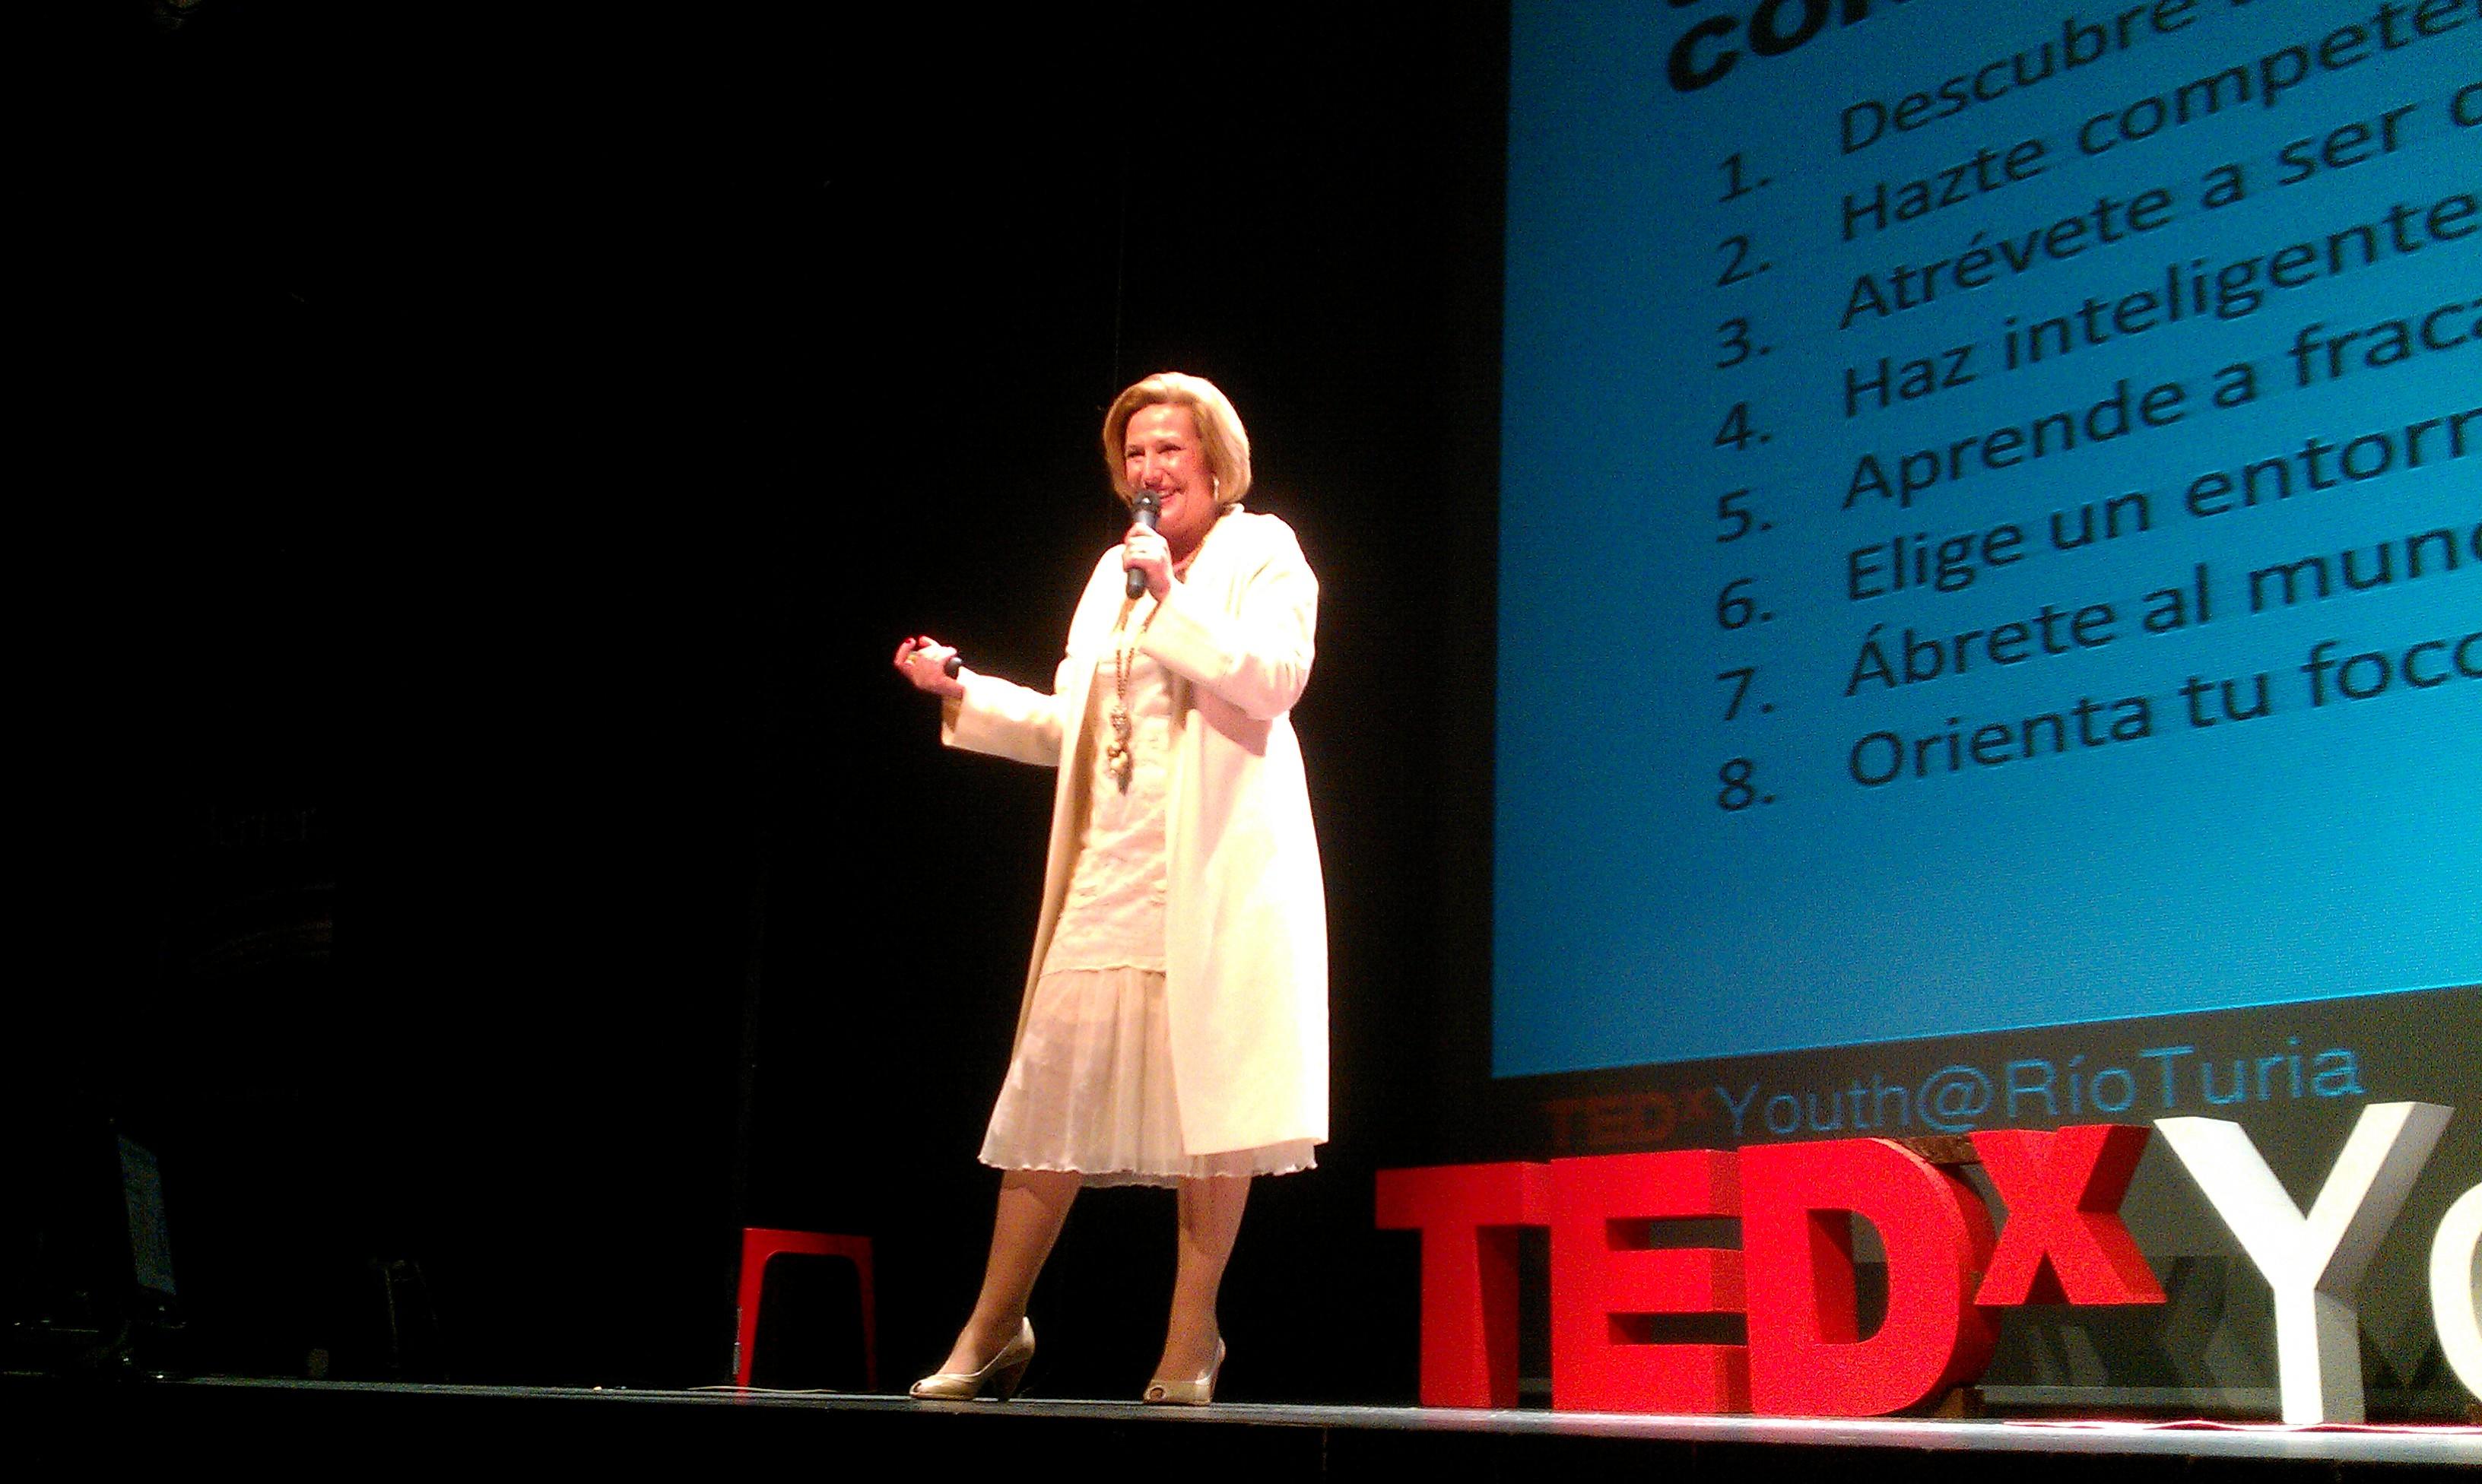 Motivación -20 años después - Conferencia TEDxYouth Valencia